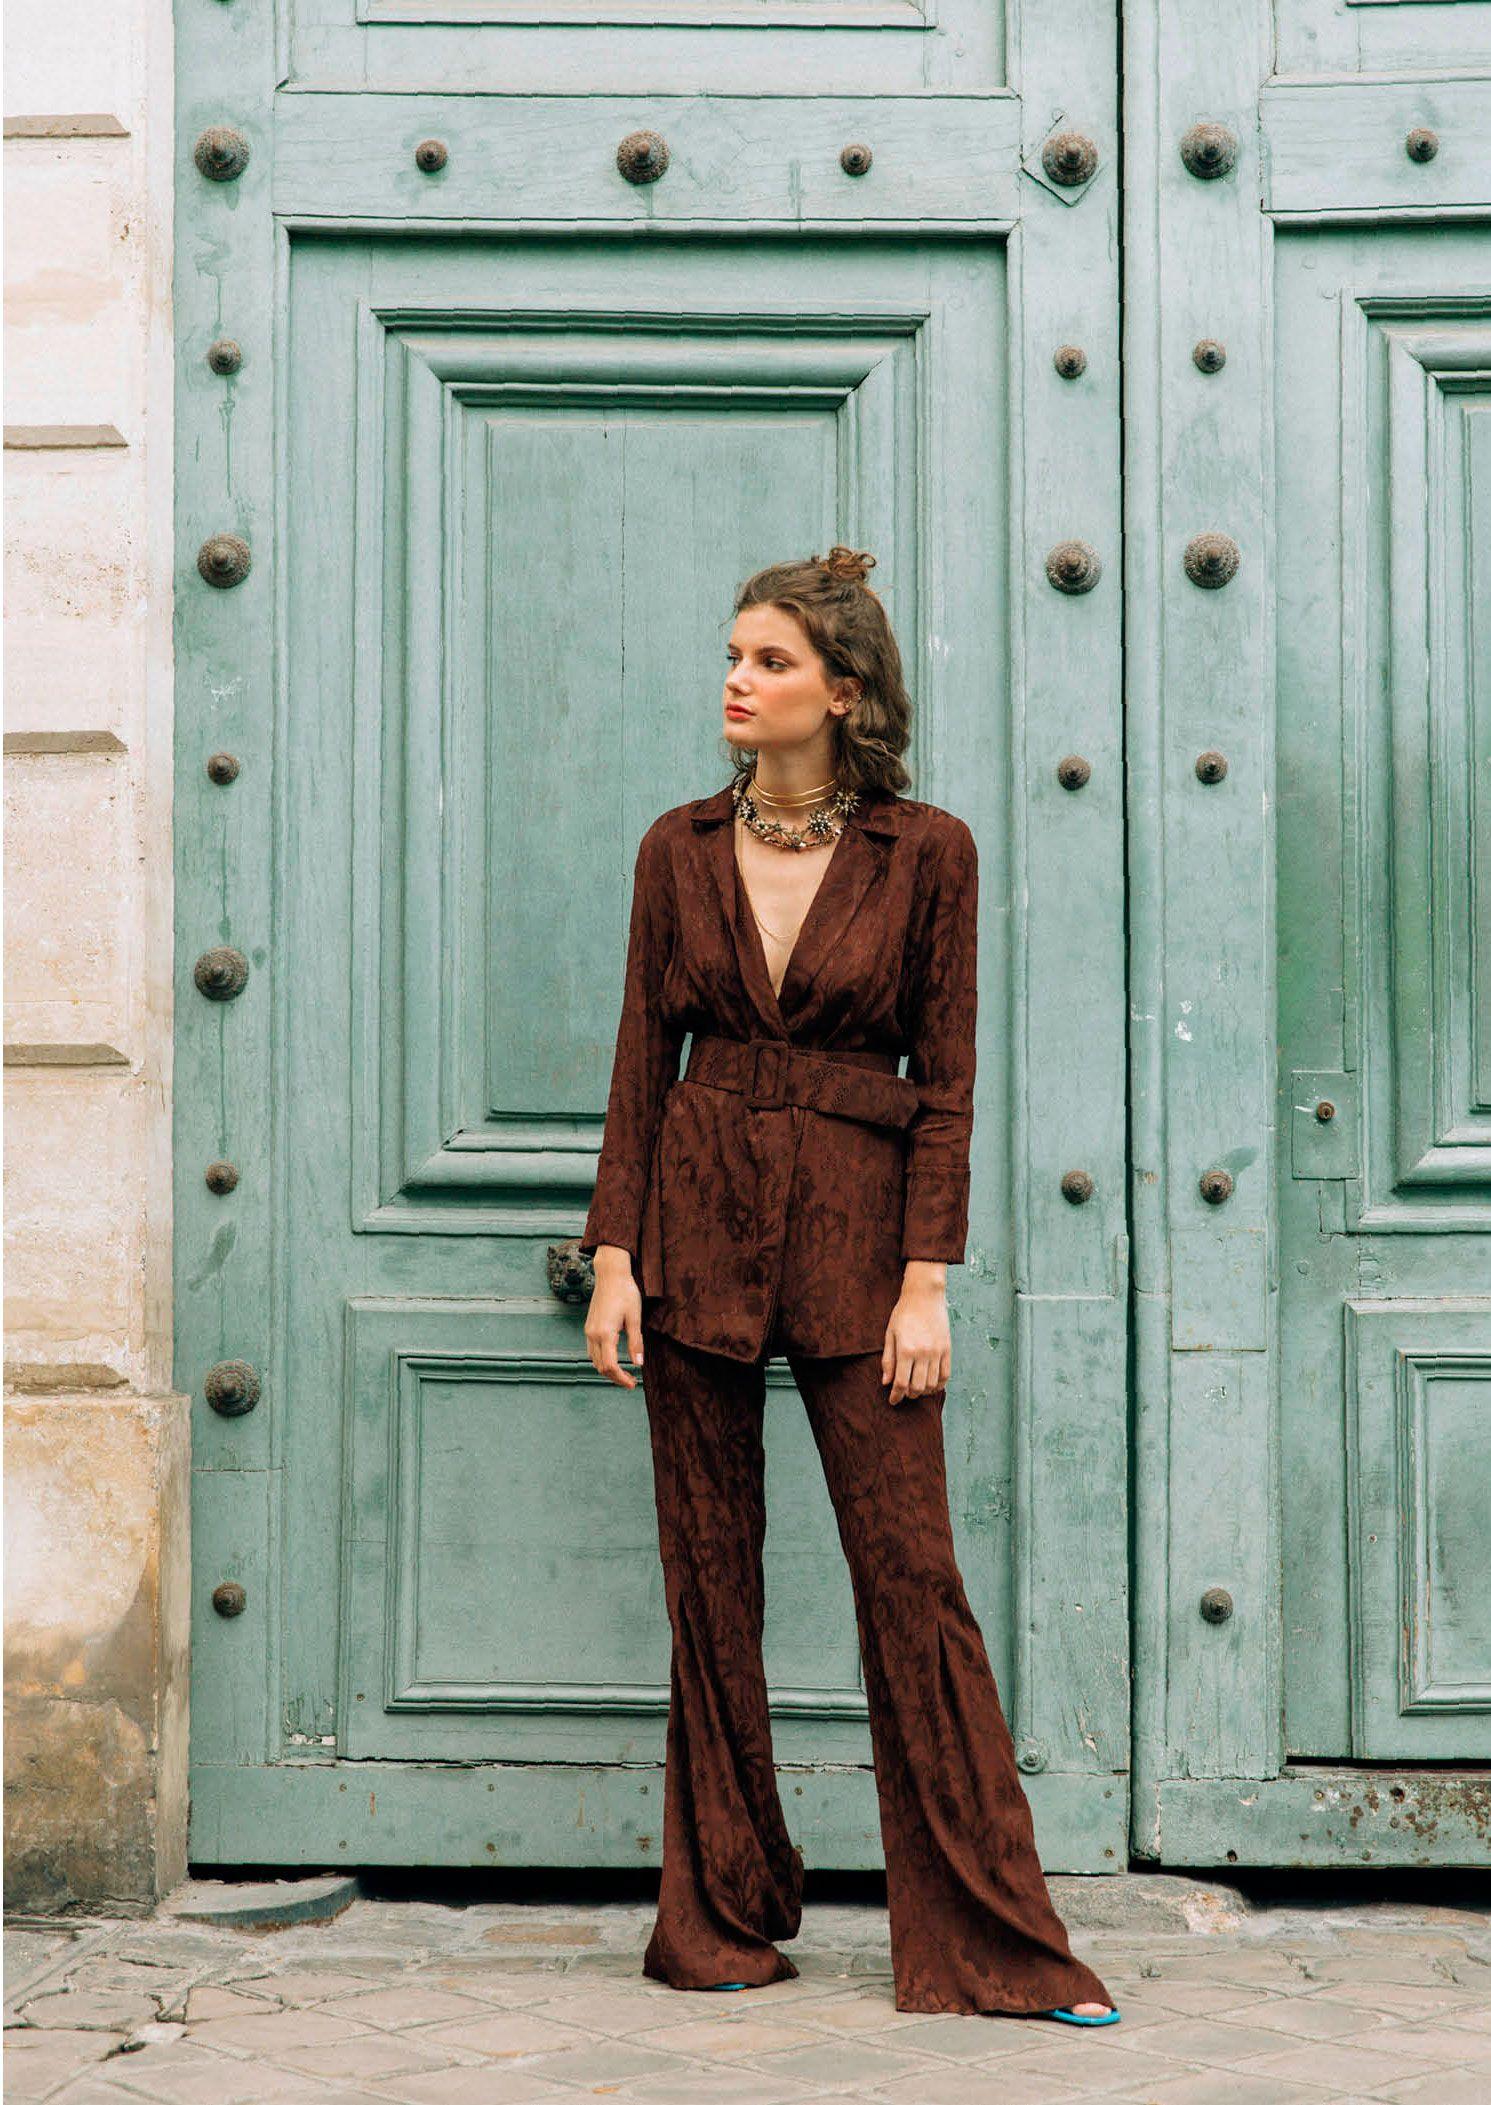 Invitadas Boda En Traje Pantalon 22 Looks Vistos En Instagram